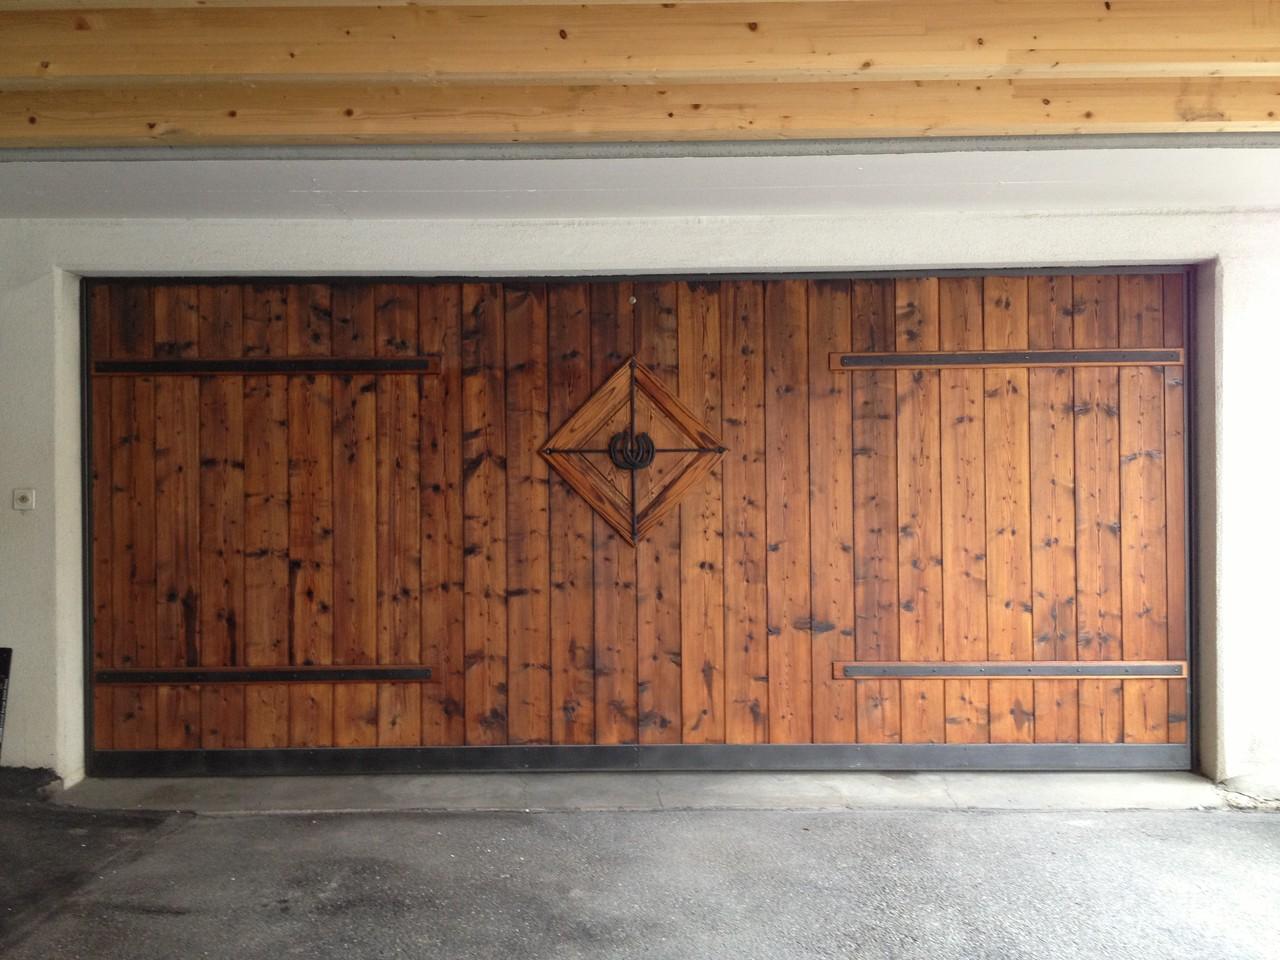 rundum kipp decken und seitensectionaltore hobi holz gmbh t nschiweg 1 7250 klosters. Black Bedroom Furniture Sets. Home Design Ideas